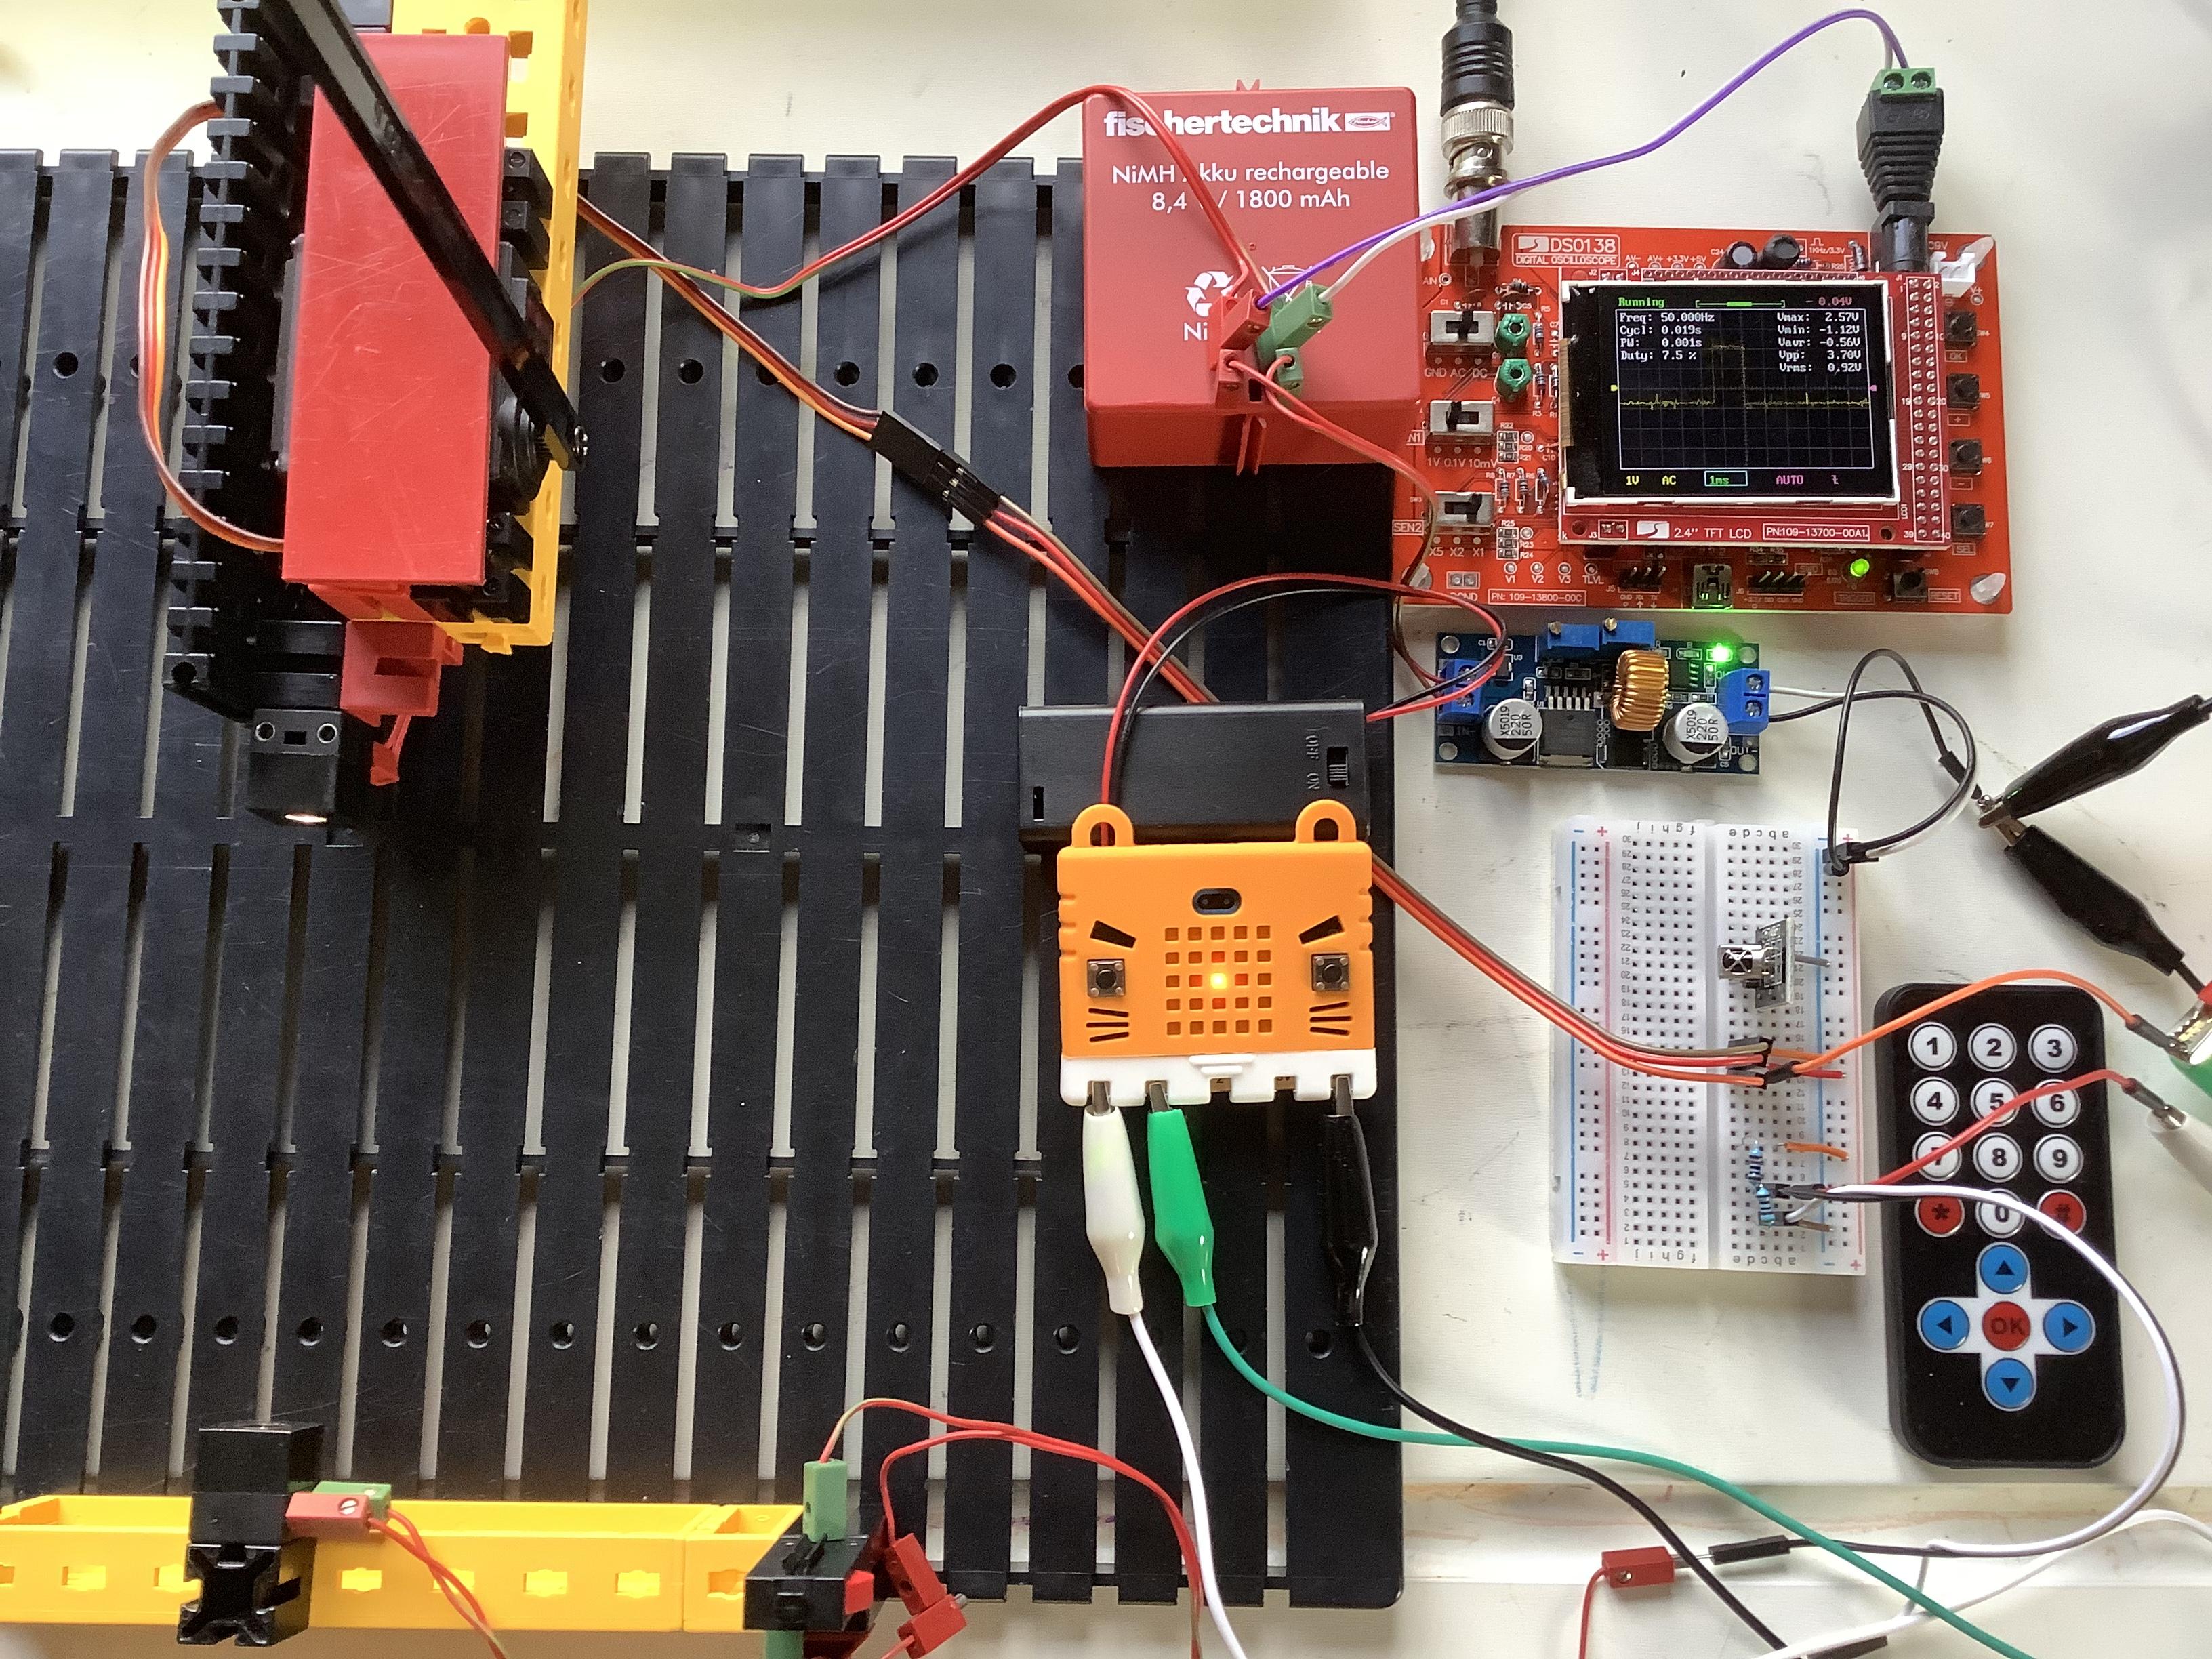 Конструкторы Fischertechnik плюс одноплатный компьютер BBC MicroBit, устройства для Arduino и детали 3D принтеров